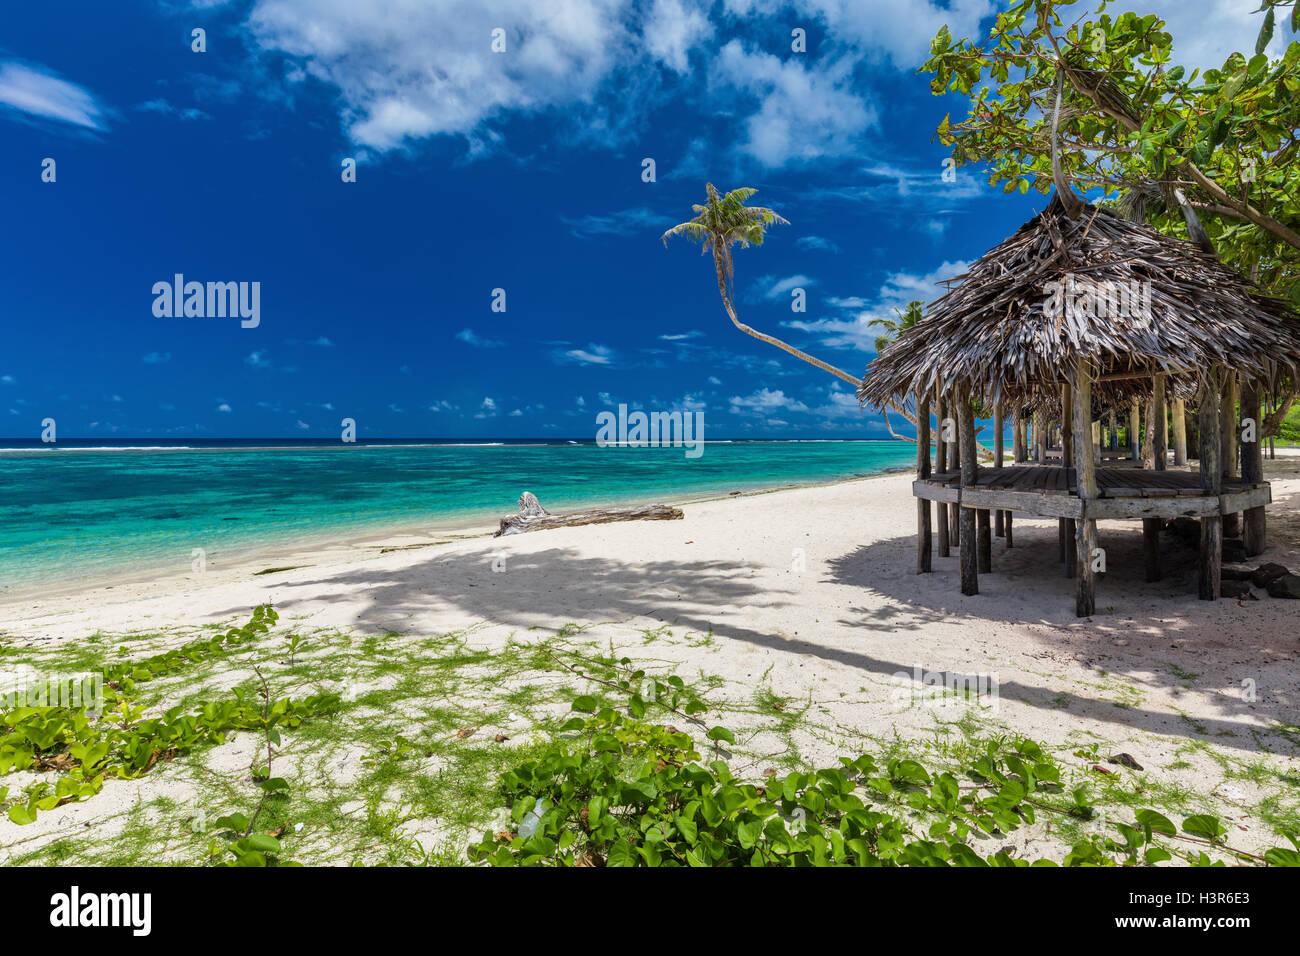 Vibrant Tropical plage naturelle sur l'Île de Samoa avec palmier et fale Photo Stock